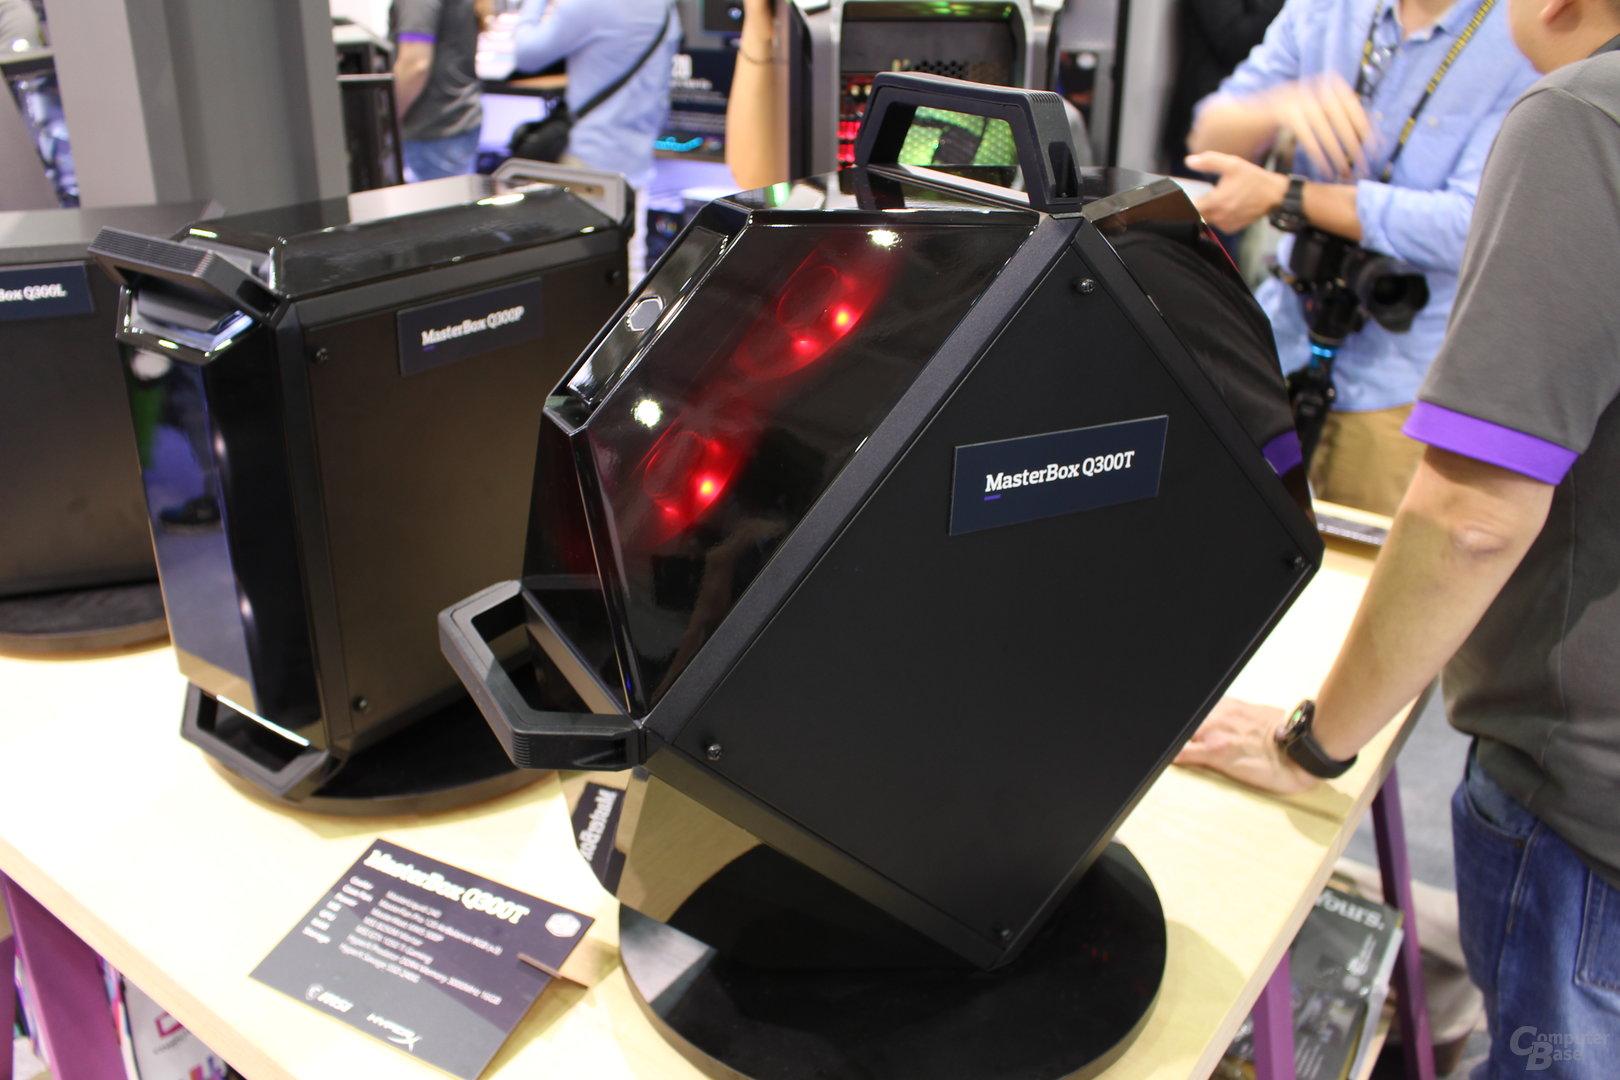 Cooler Master MasterBox Q300T